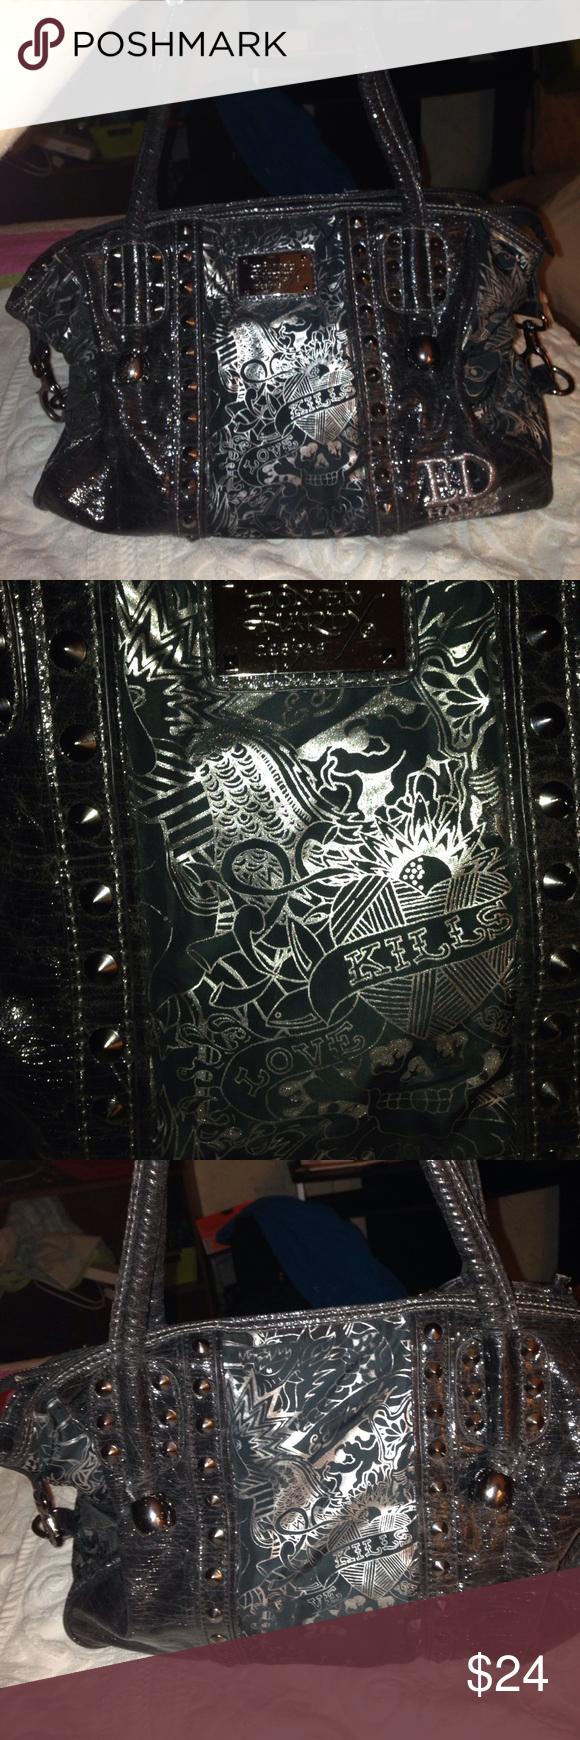 81814825c7e2 Don   Ed Hardy 7829 Melrose Handbag Satchel Black and silver large slouchy  satchel shoulder bag is in good